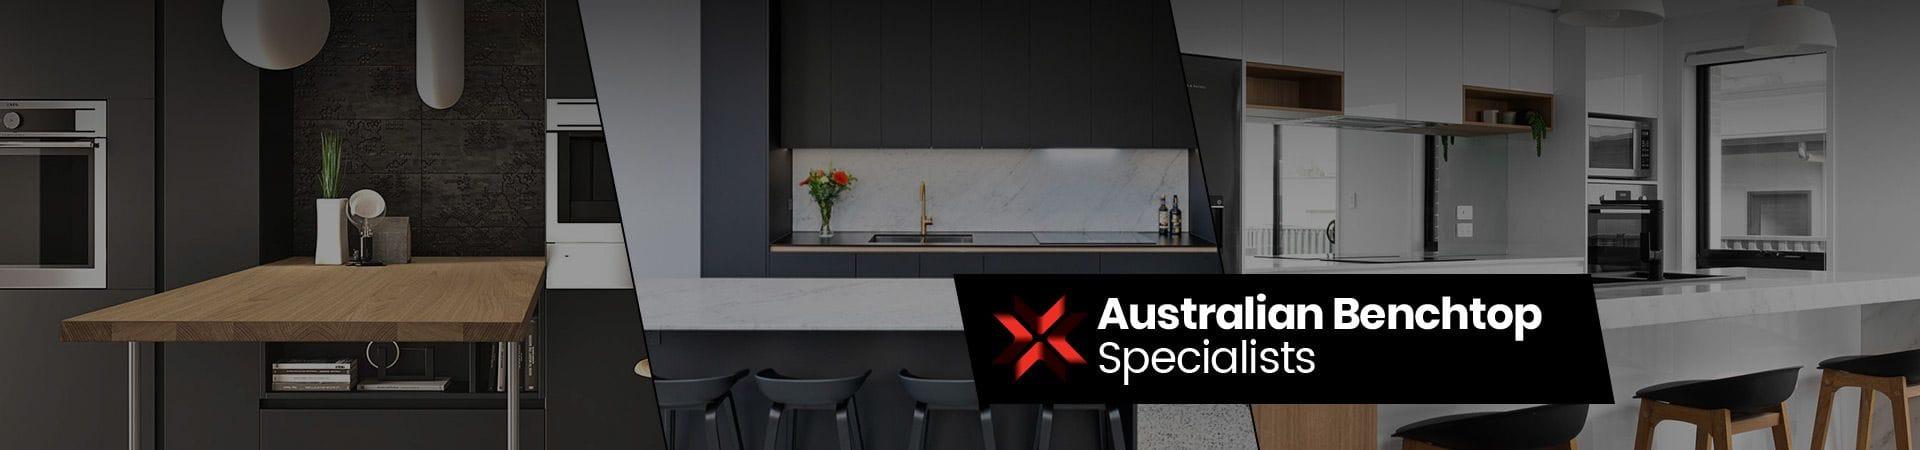 Contact Australian Benchtop Specialists